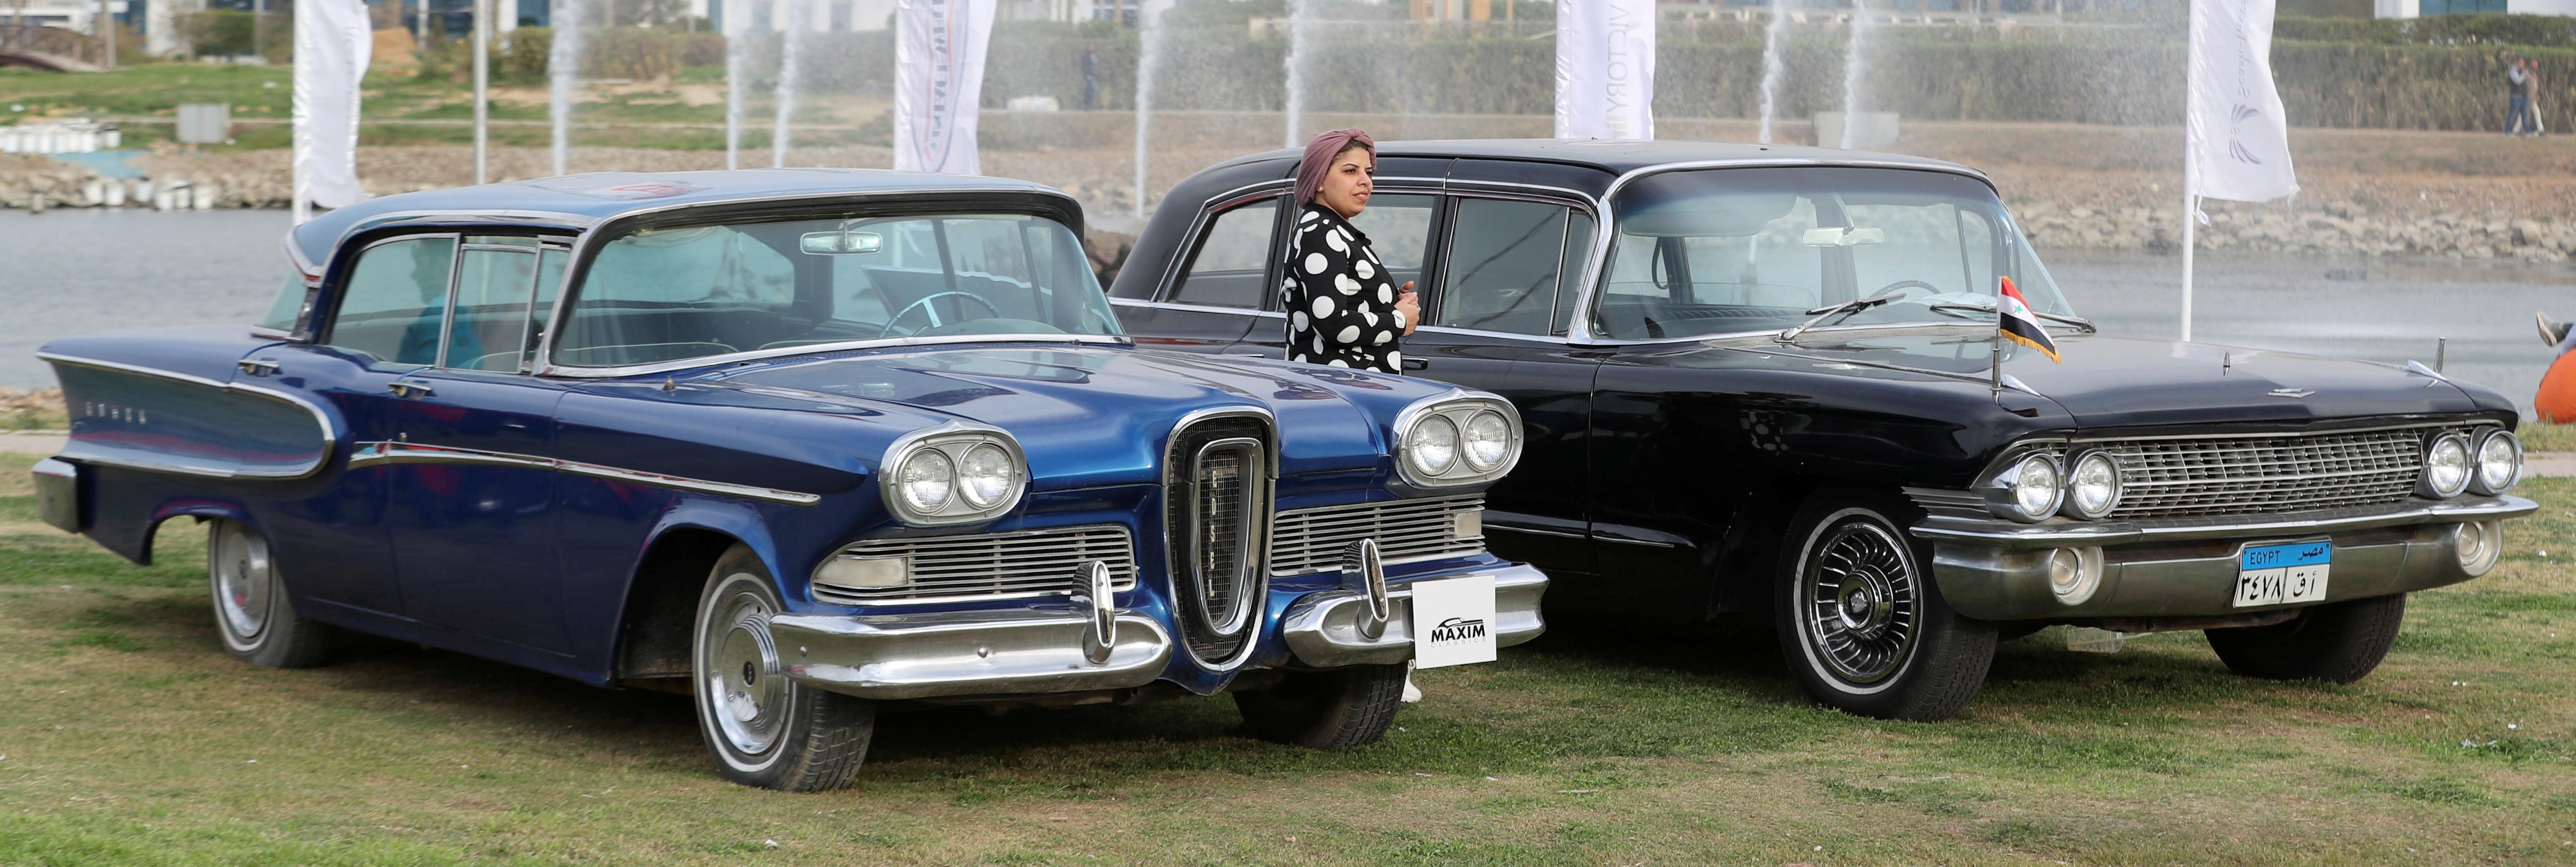 جانب من معرض السيارات القديمة فى القاهرة (9)